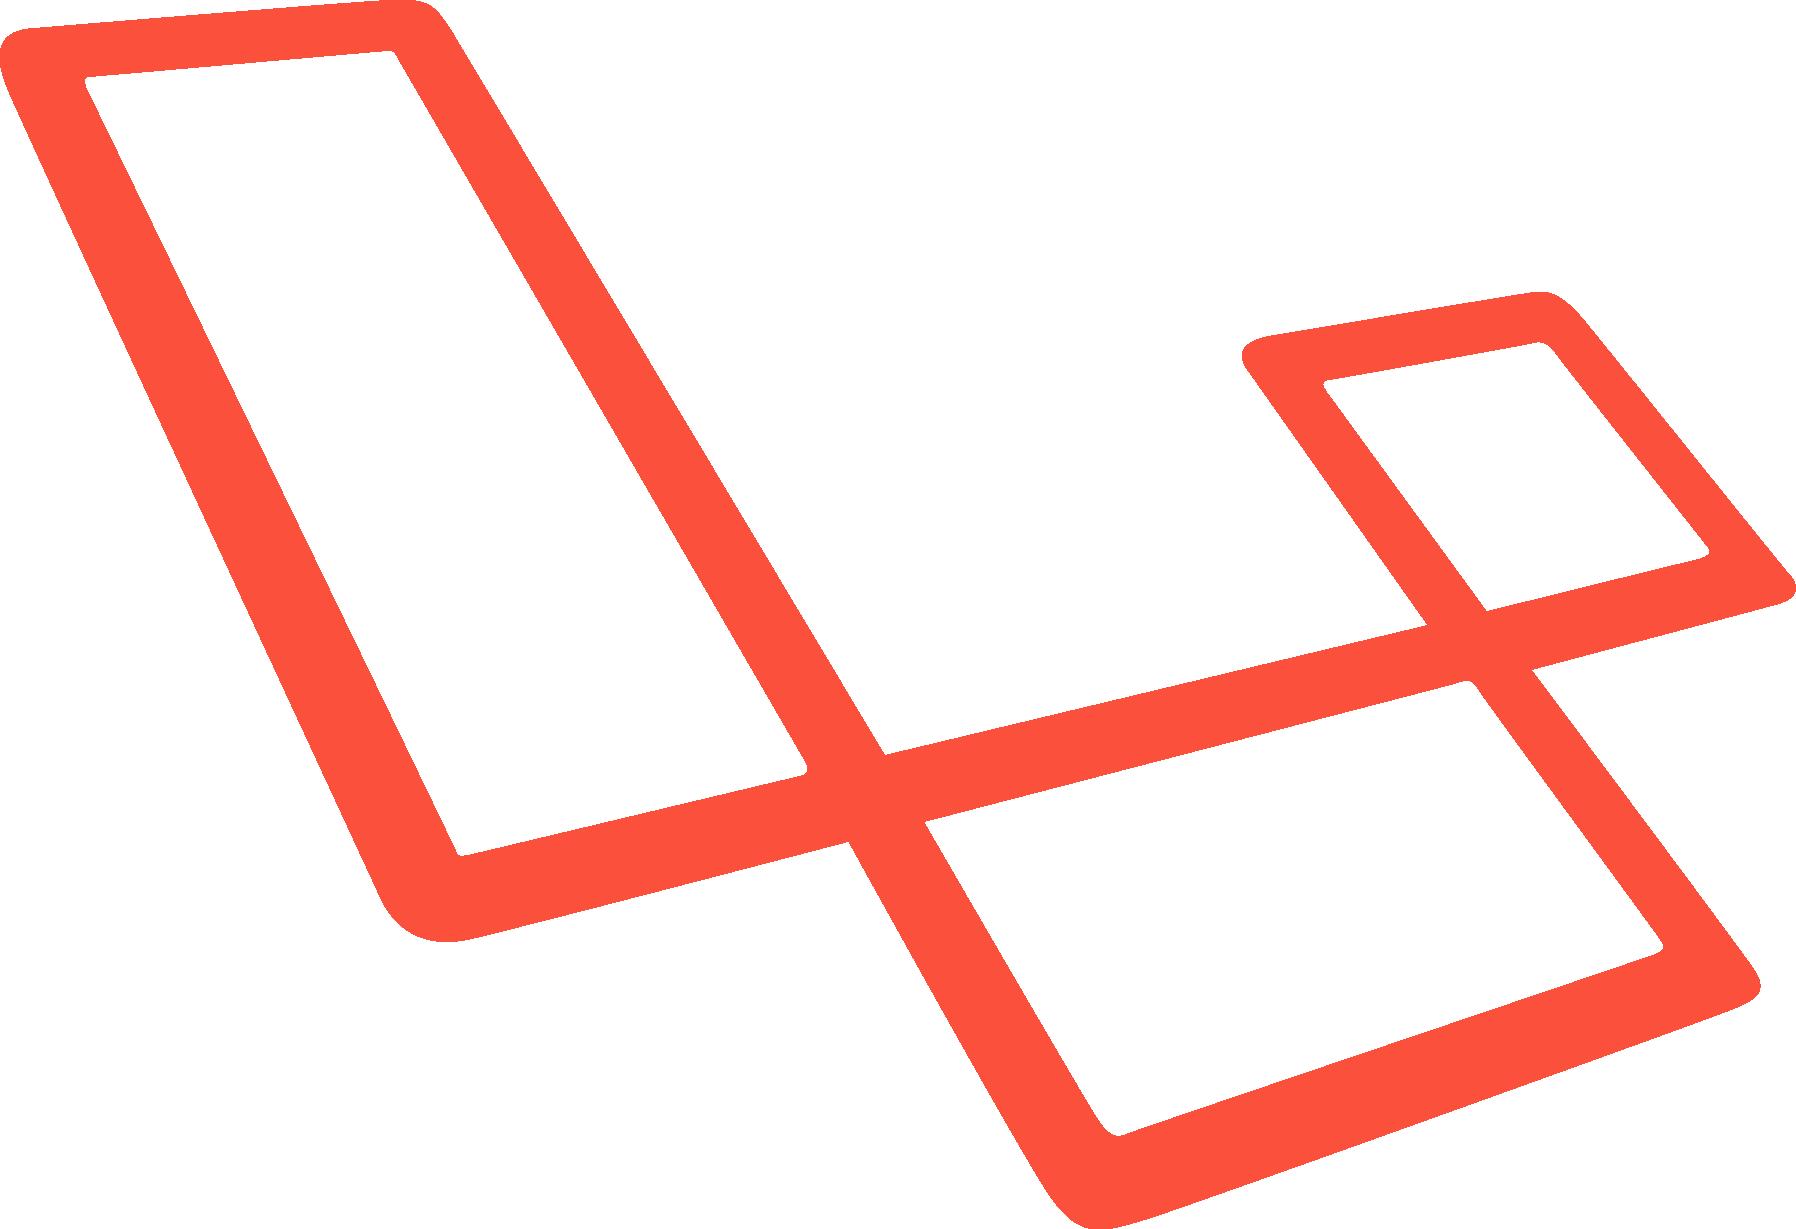 راه اندازی Laravel بر روی لینوکس ۶.۷ Cent OS